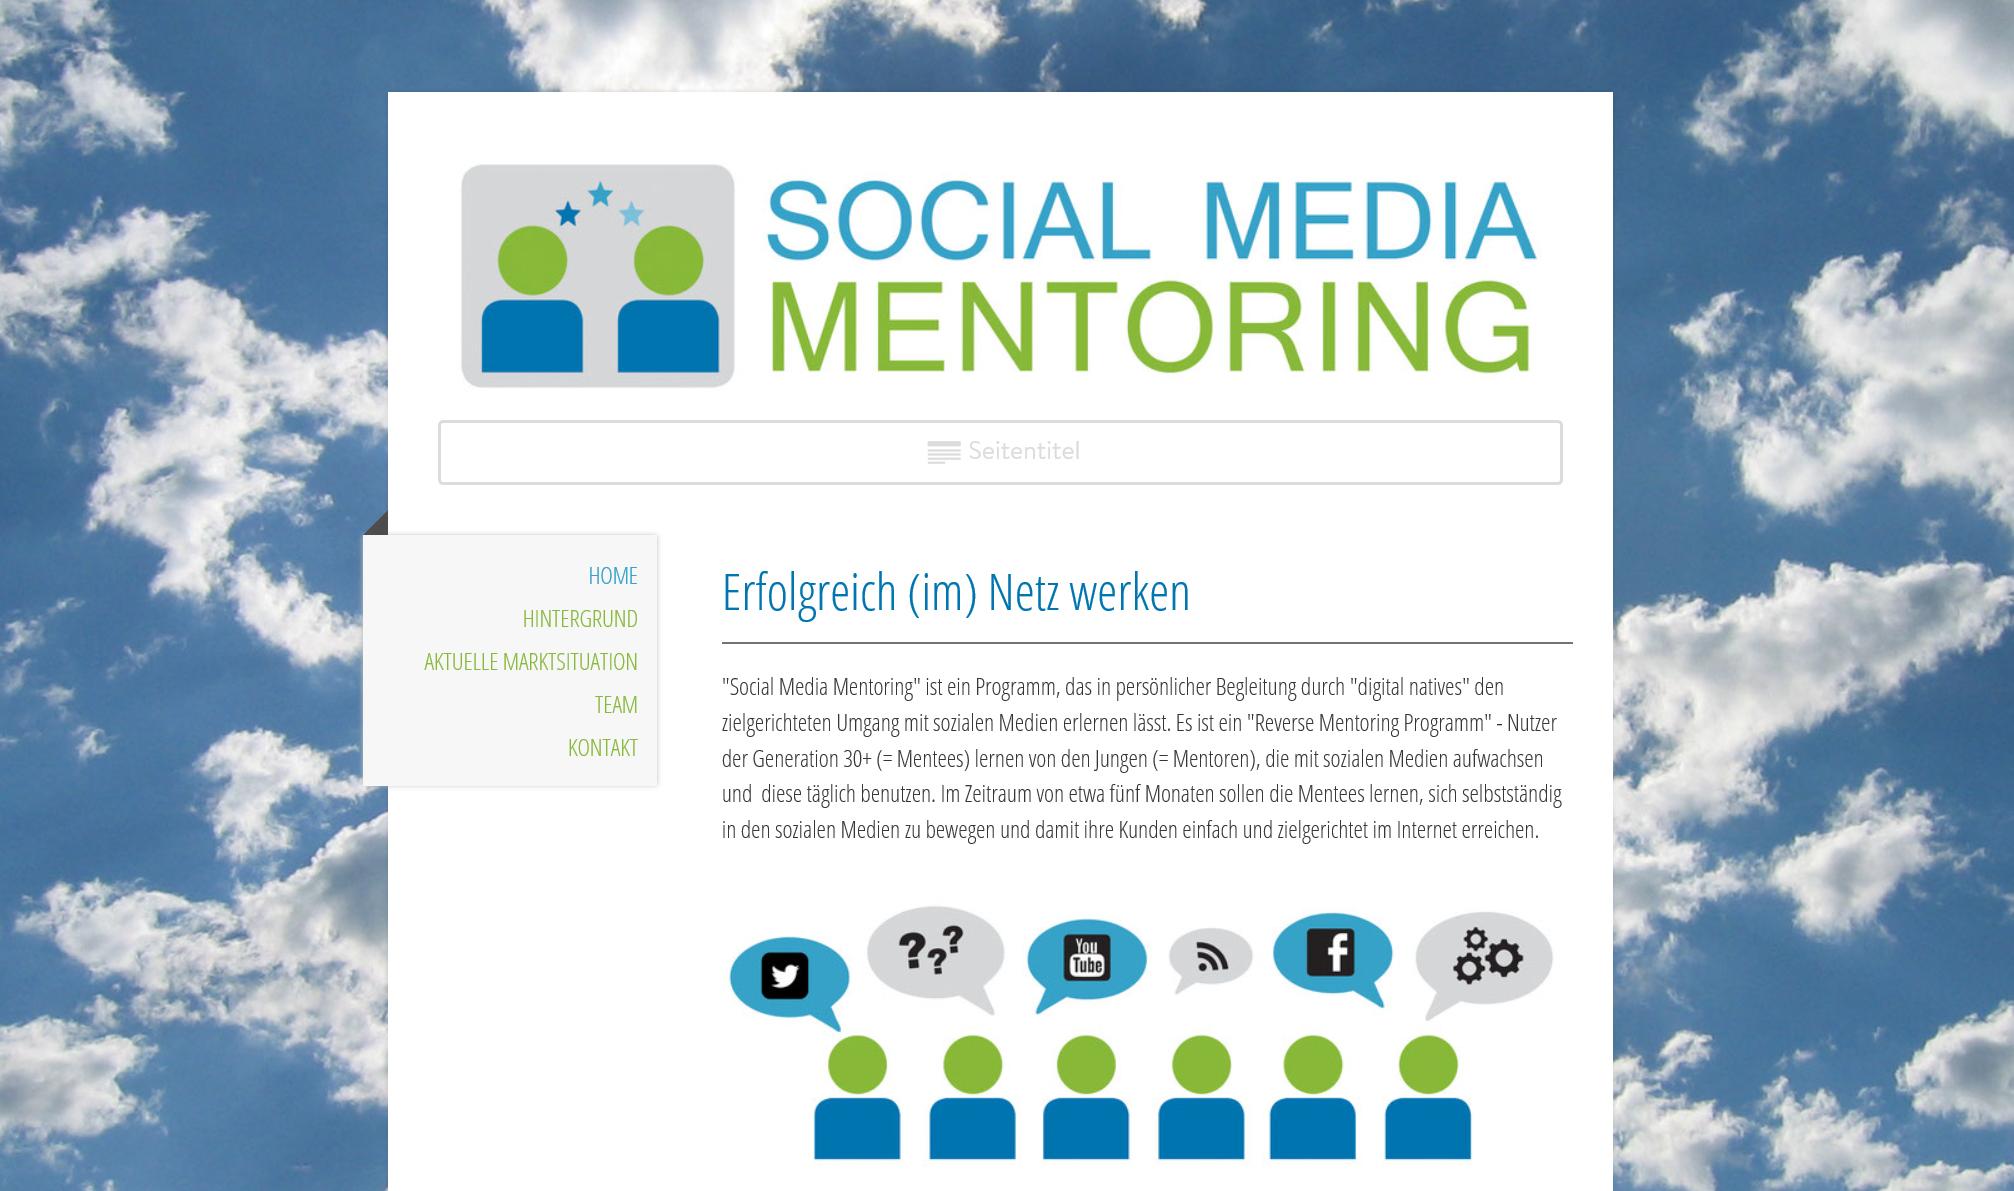 Social-Media-Mentoring: Web-Design